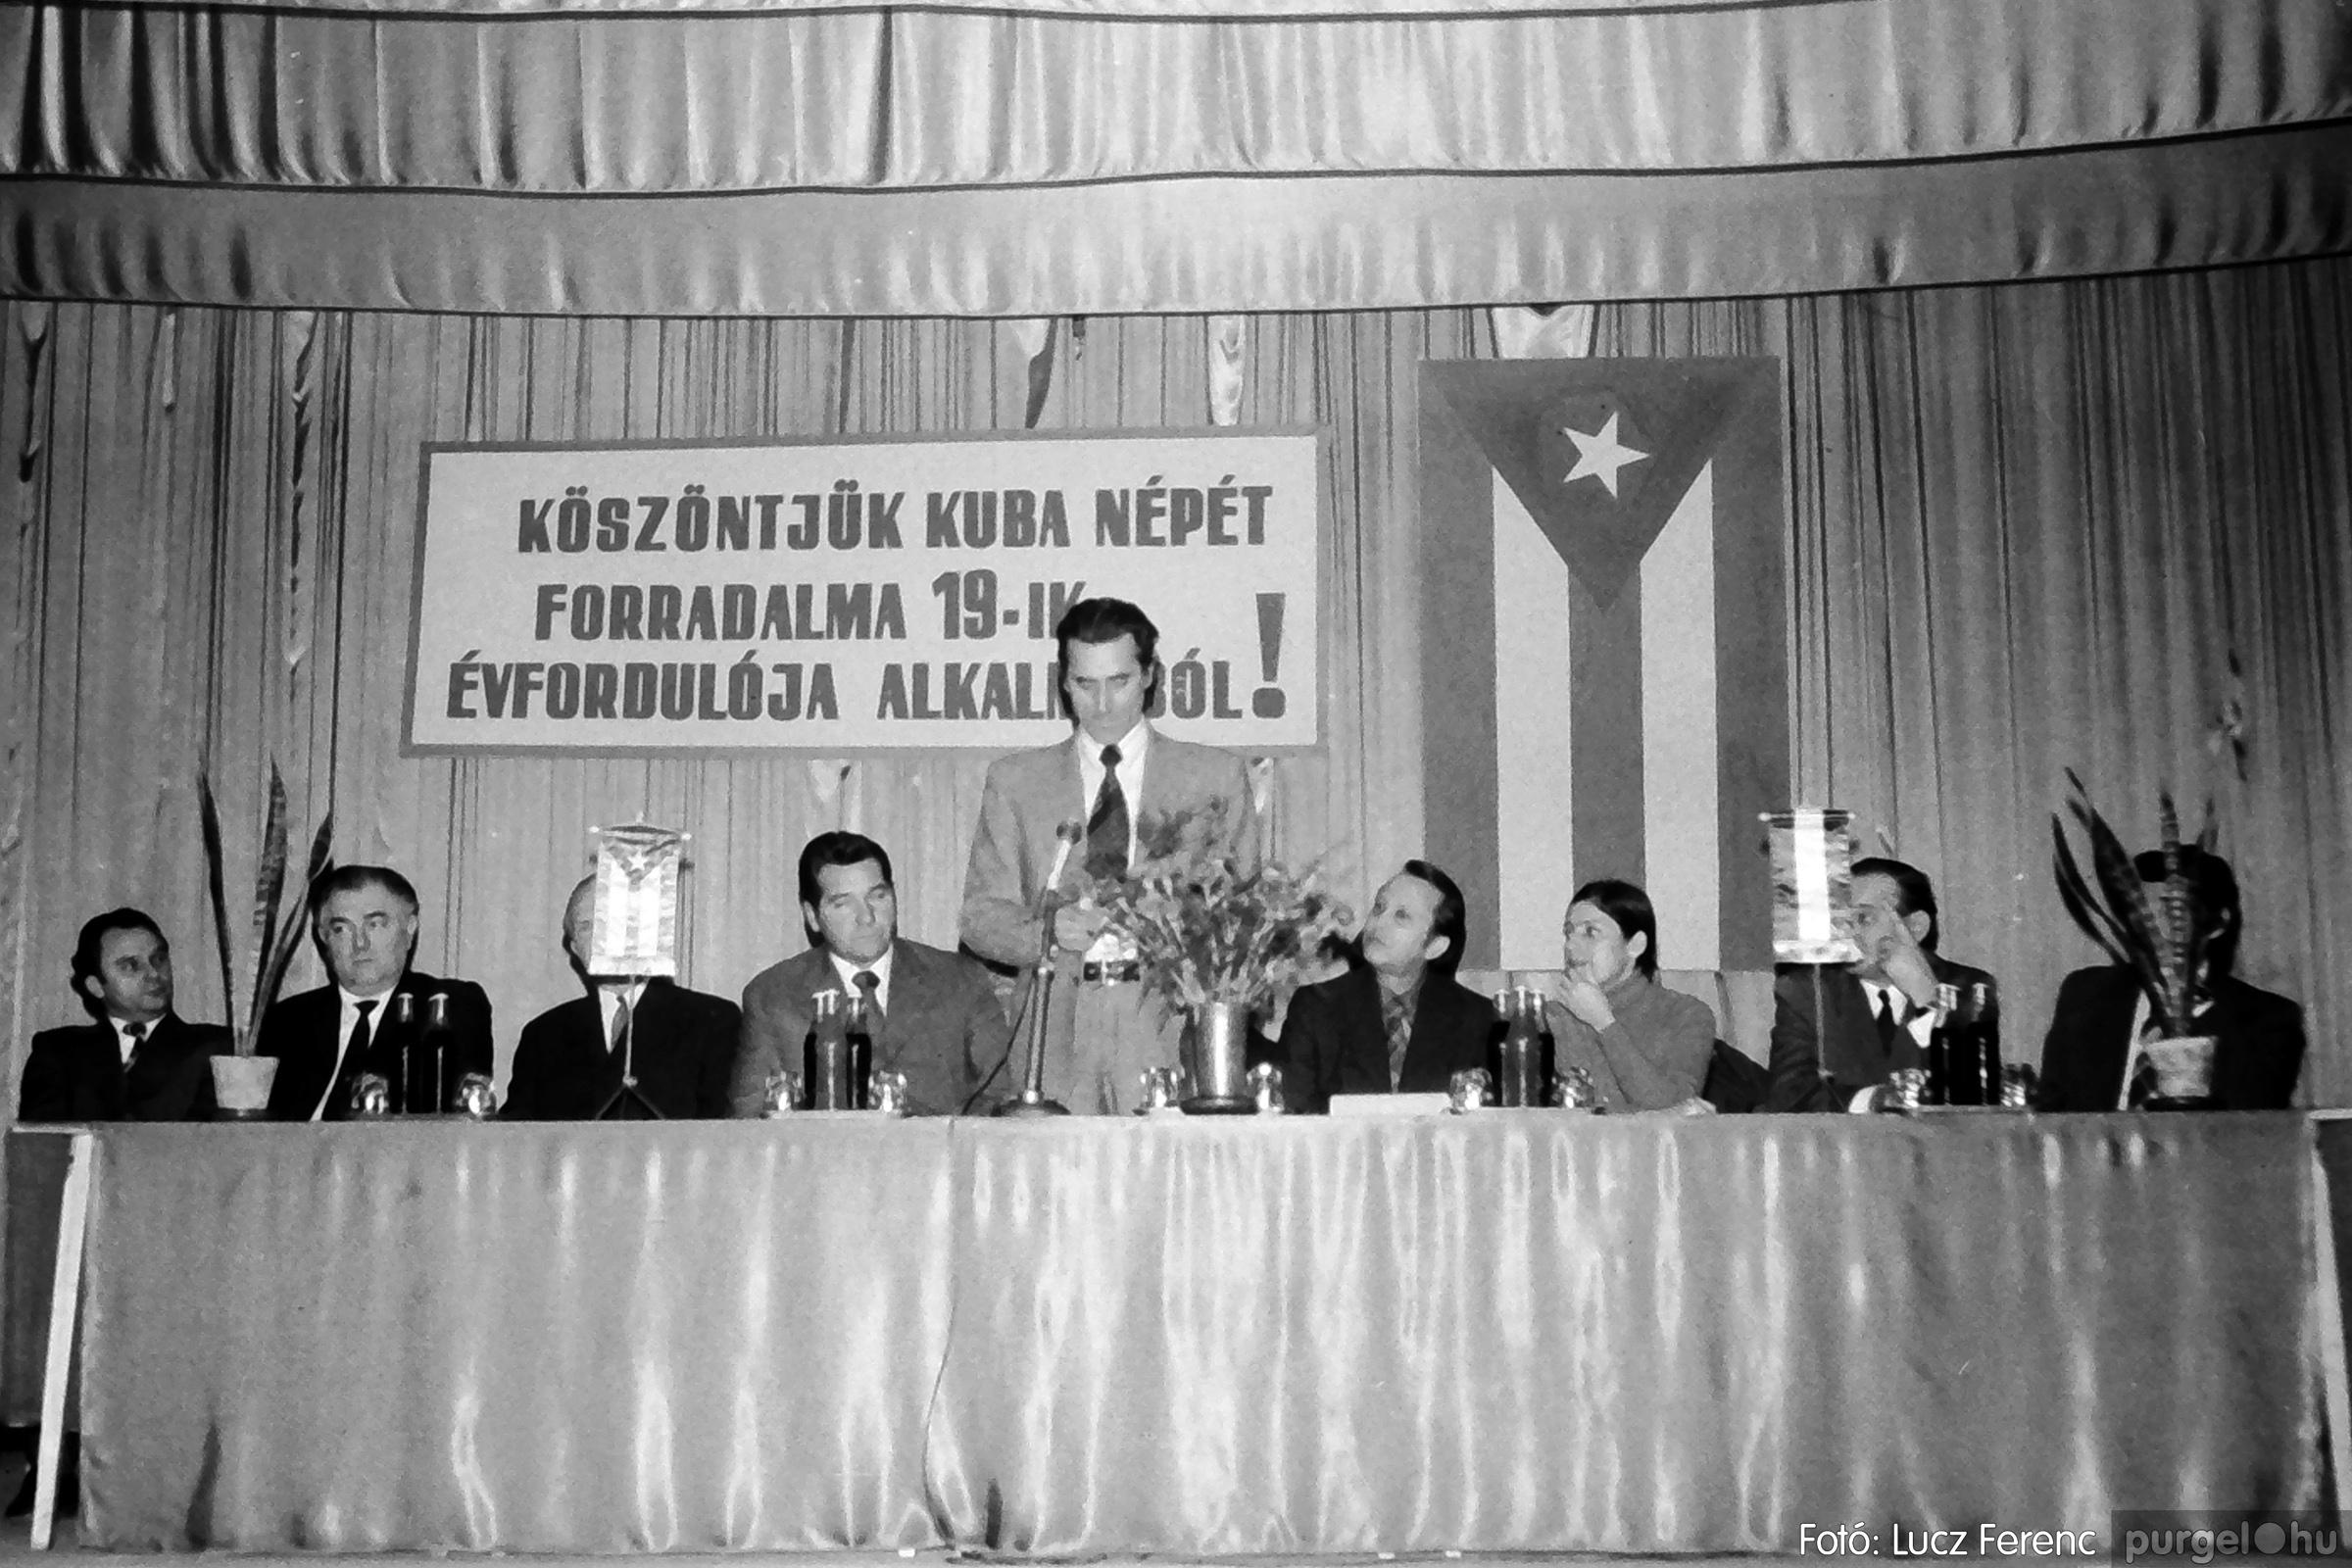 100. 1978. Köszöntjük Kuba népét! 004. - Fotó: Lucz Ferenc.jpg